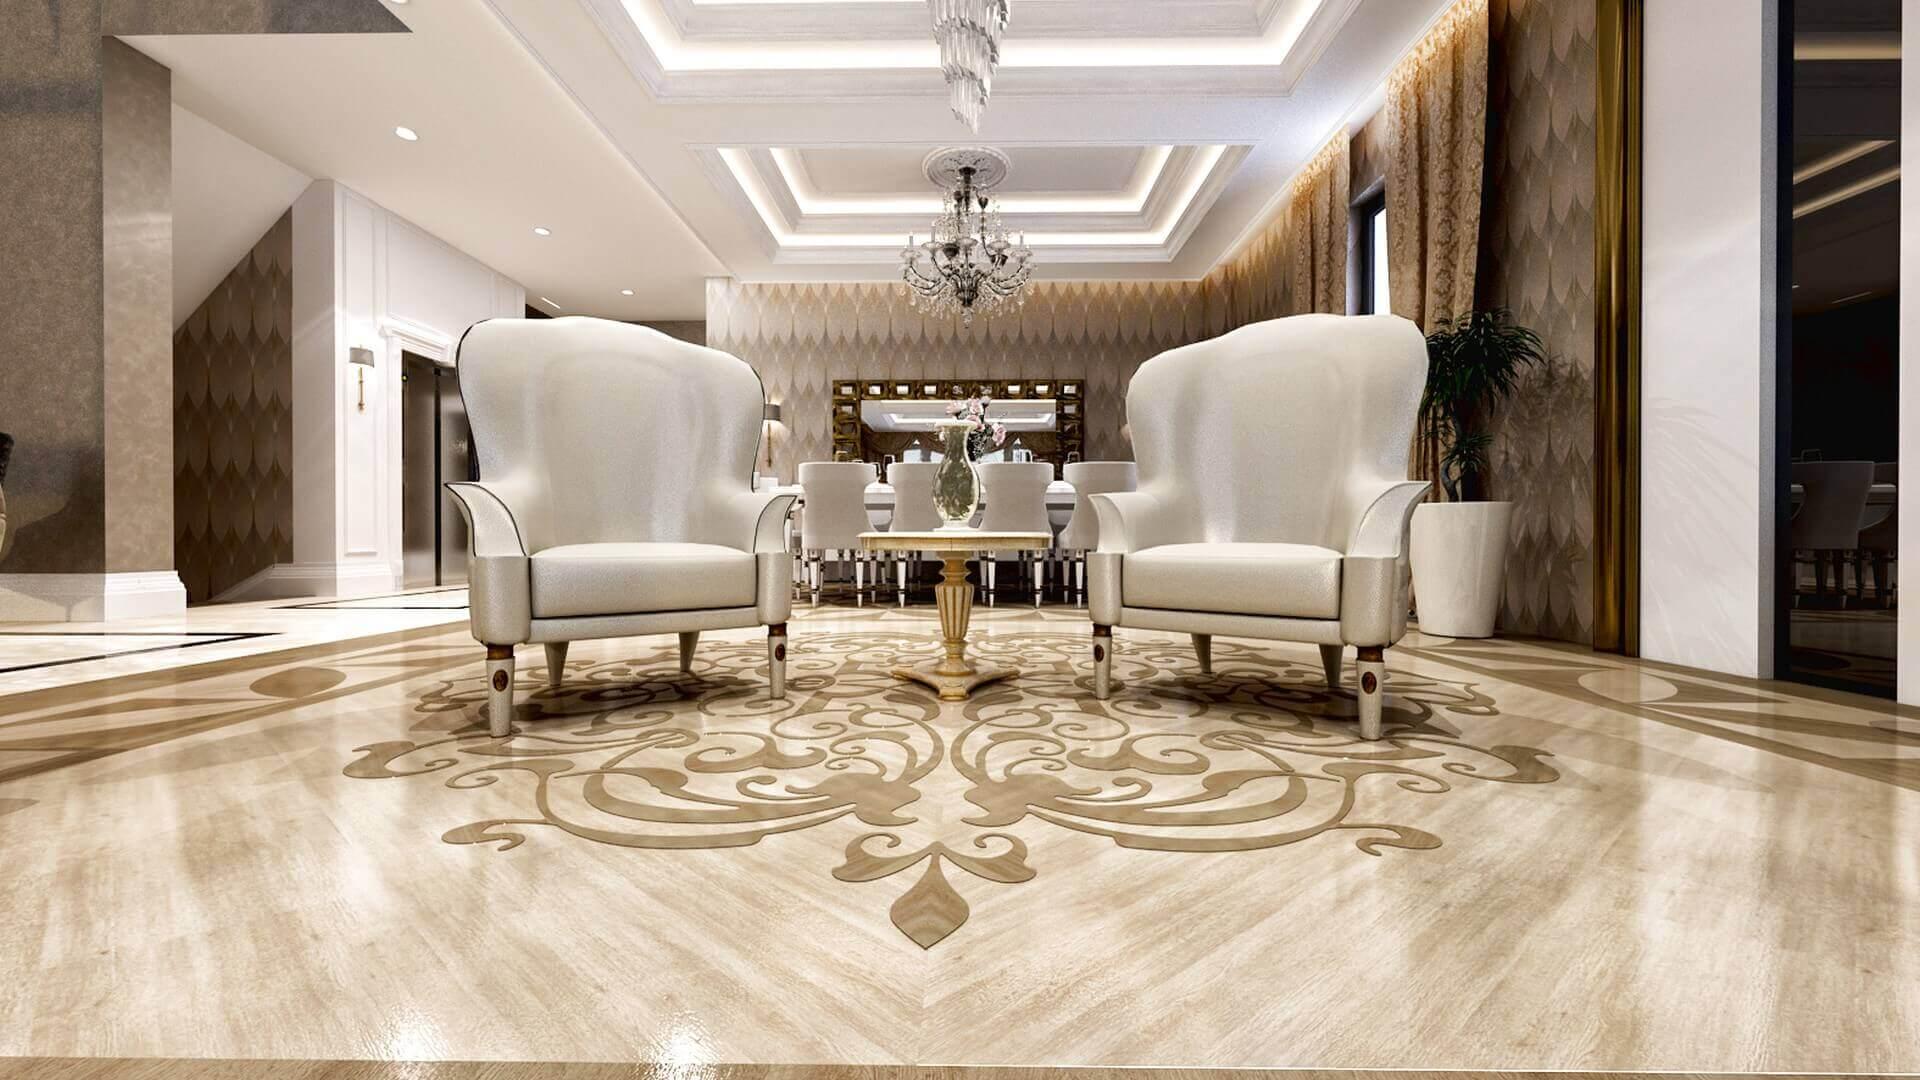 villa dekorasyonu 2829 Özel Proje Konutlar